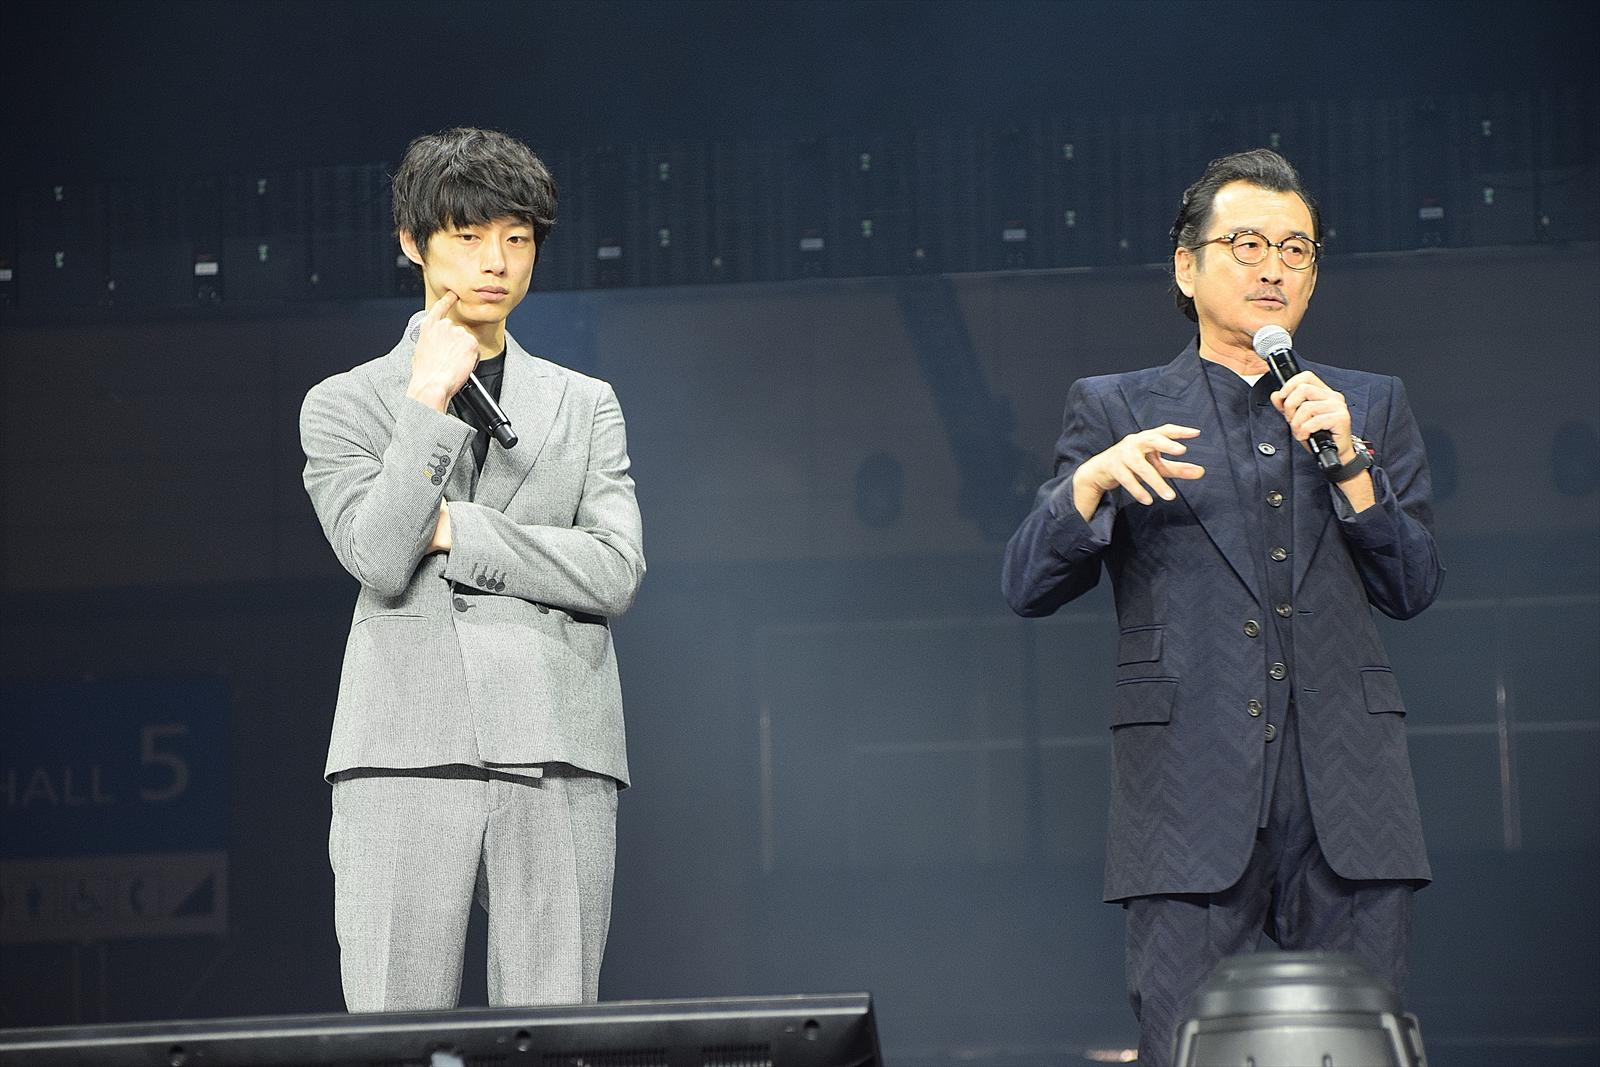 『劇場版 ファイナルファンタジーXIV光のお父さん』制作発表会 に行ってきました!